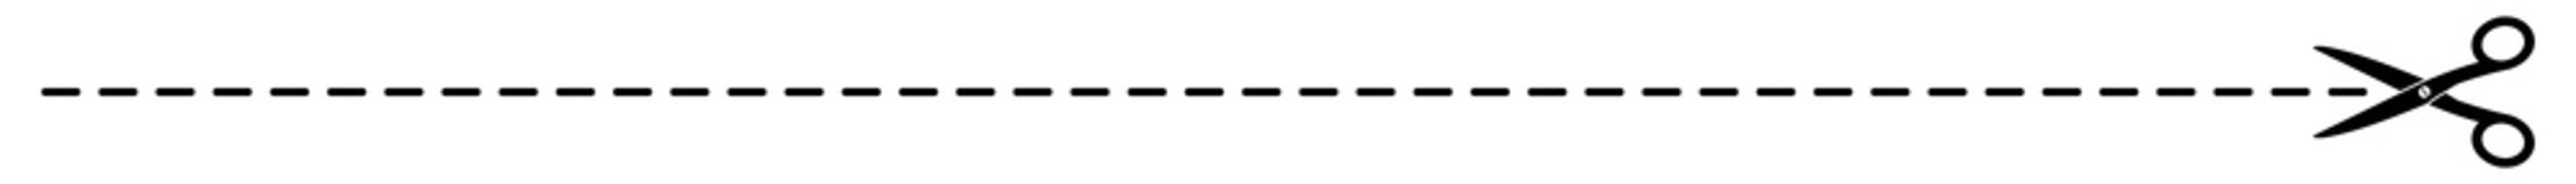 gz460 GrafikZeichnung - german: Schere Symbol mit Schnittlinien / Strichlinie - english: scissors with cut lines icon / dash line. simple template isolated on white background - banner 14to1 g8508